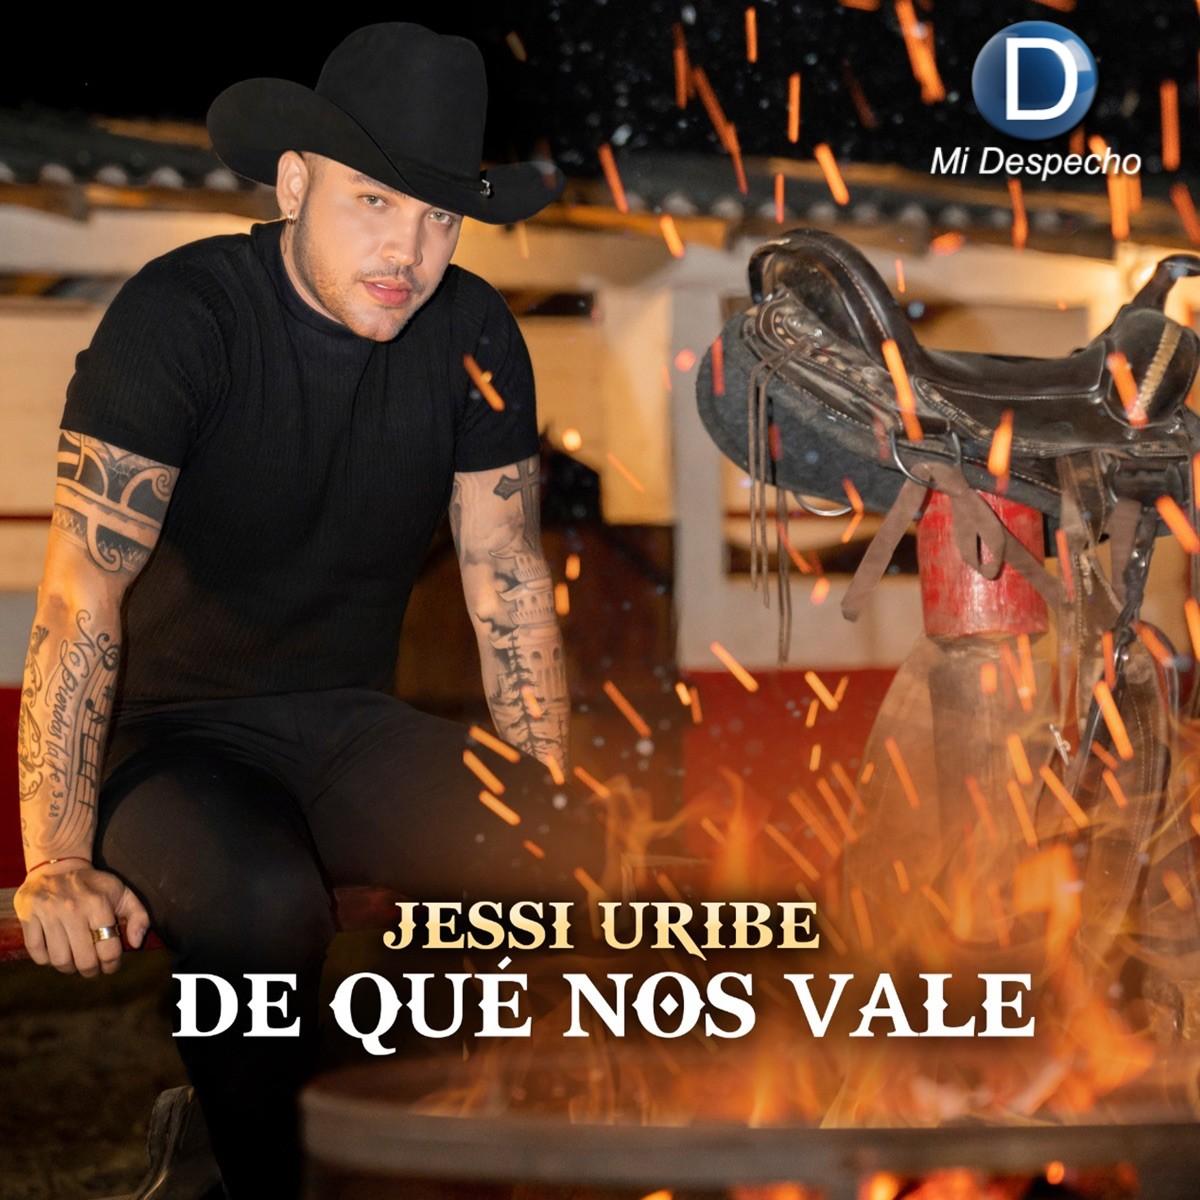 Jessi Uribe De Que Nos Vale Frontal